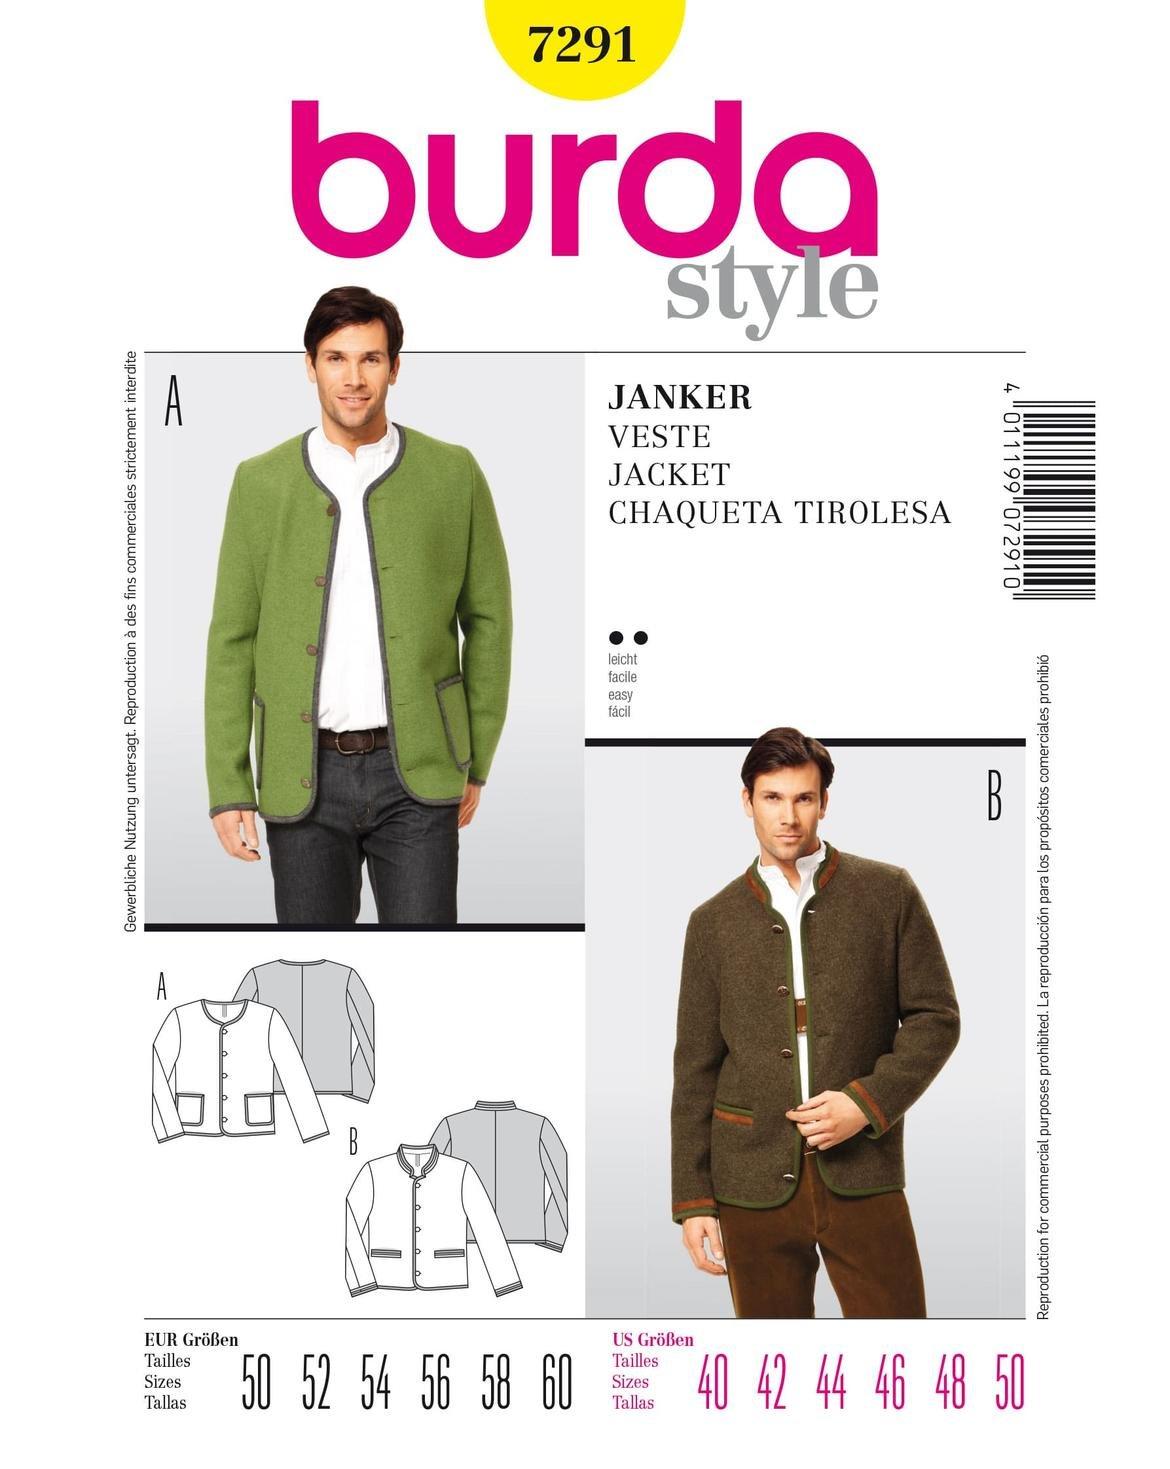 Burda patrón de costura para chaqueta de hombre 7291 talla 50-60 B7291